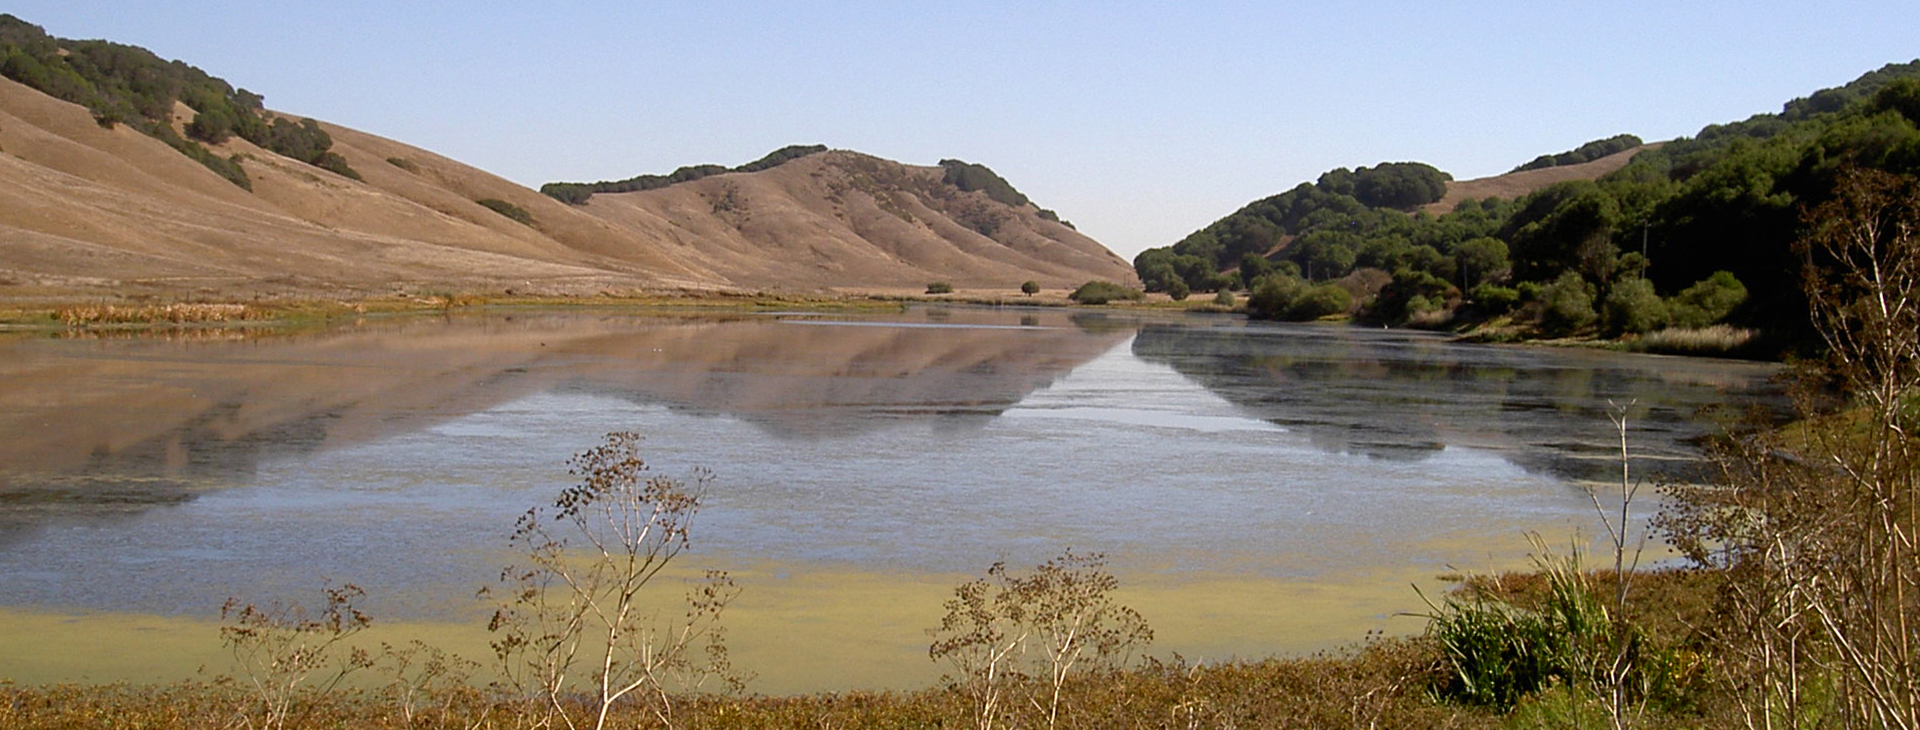 Laguna Lake - Marin County, CA